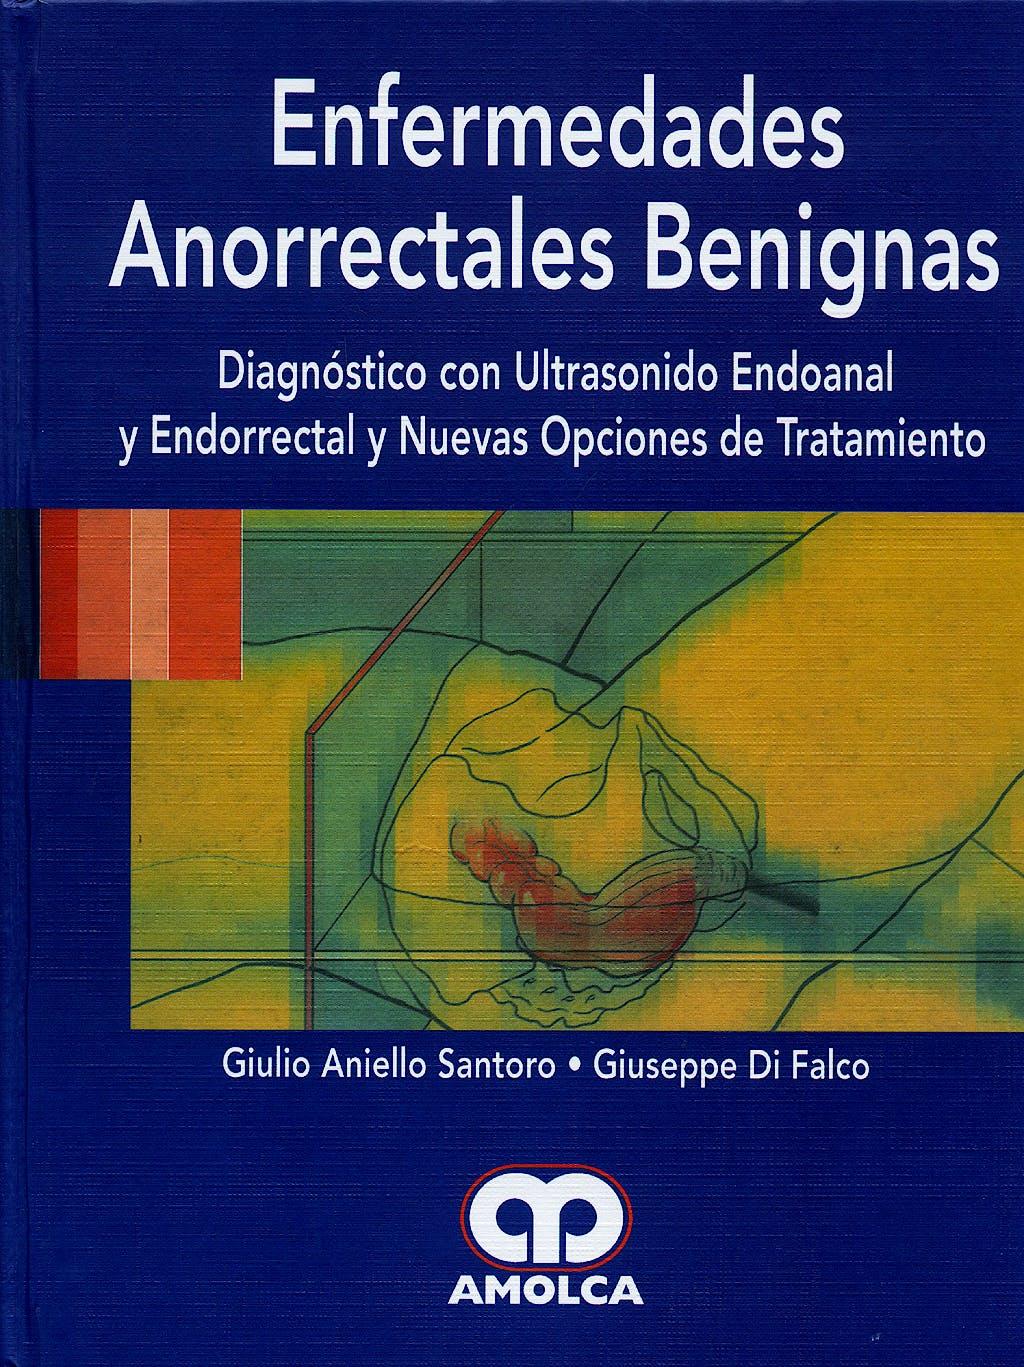 Portada del libro 9789588328348 Enfermedades Anorrectales Benignas. Diagnostico con Ultrasonido Endoanal y Endorrectal y Nuevas Opciones de Tratamiento